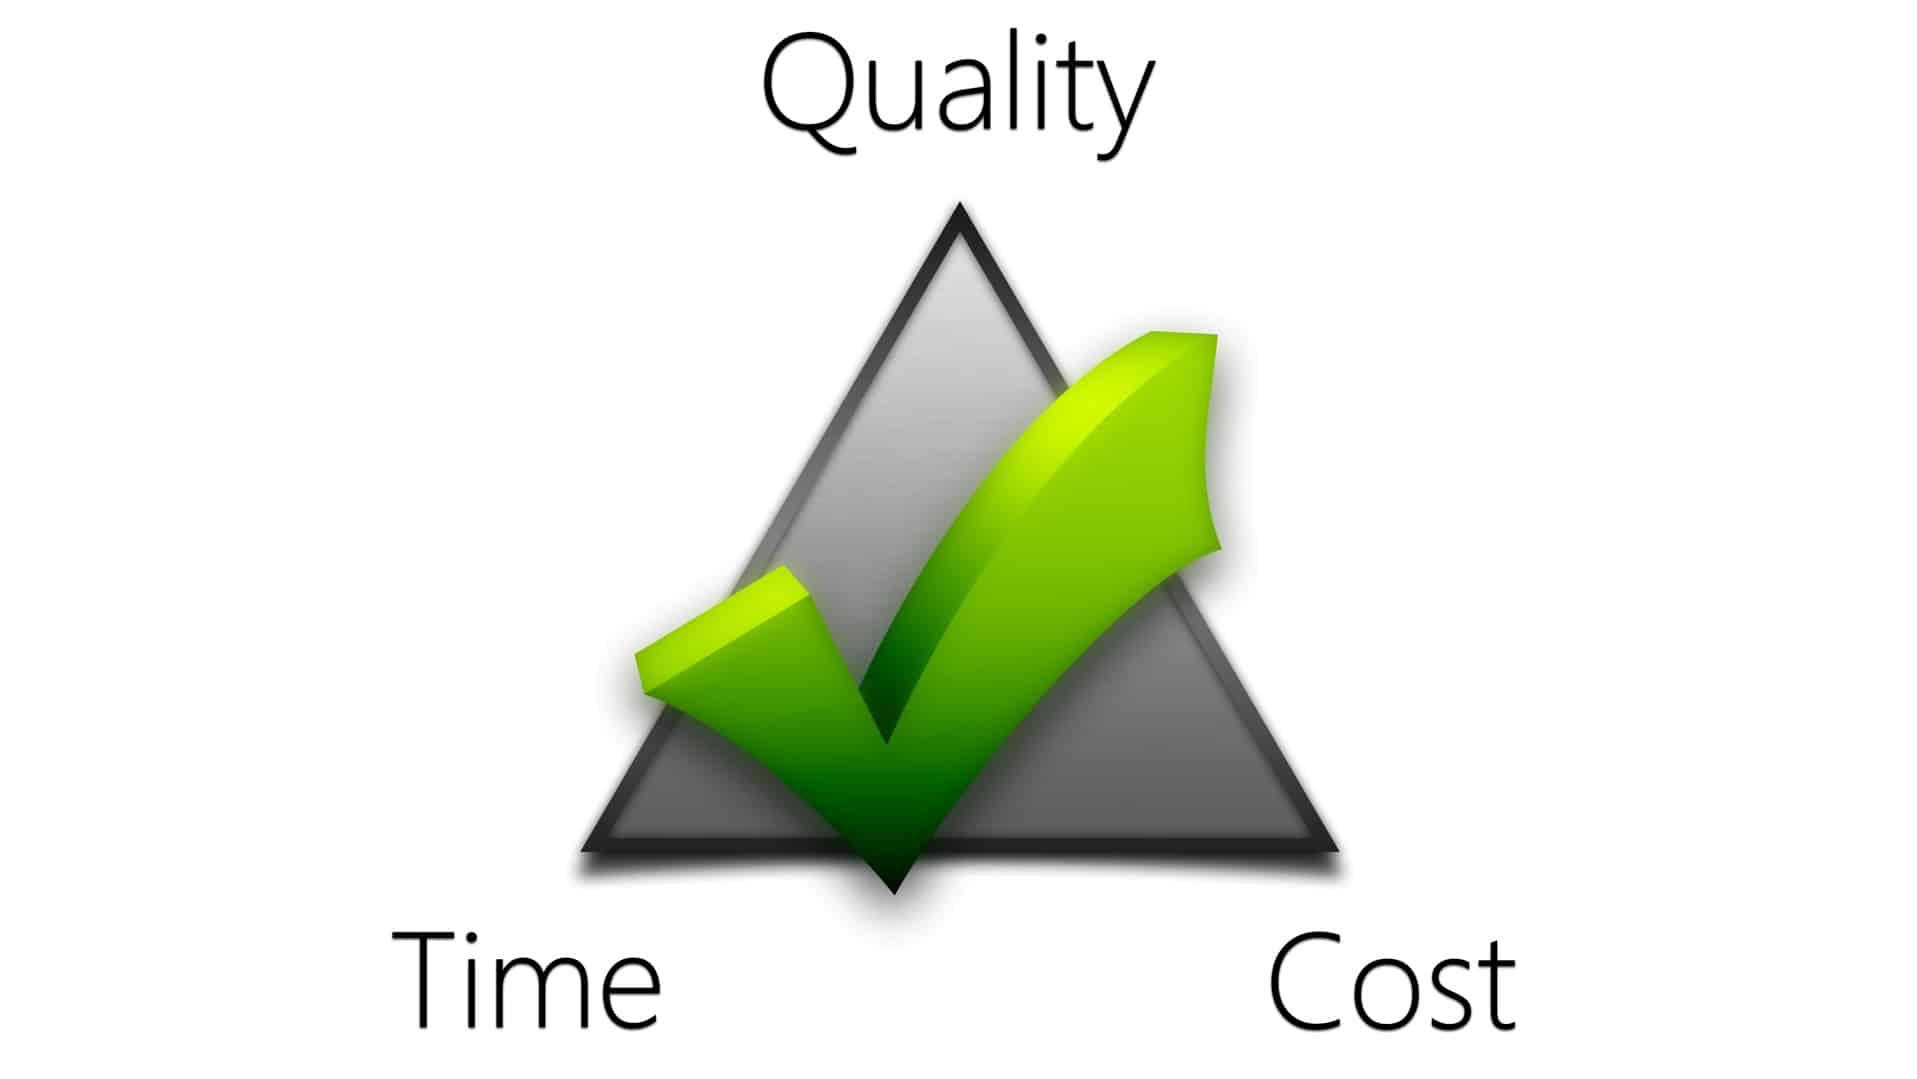 TT-Engineering_Waarom-focus-op-een-goede-relatie-met-engineeringpartners-essentieel-is.